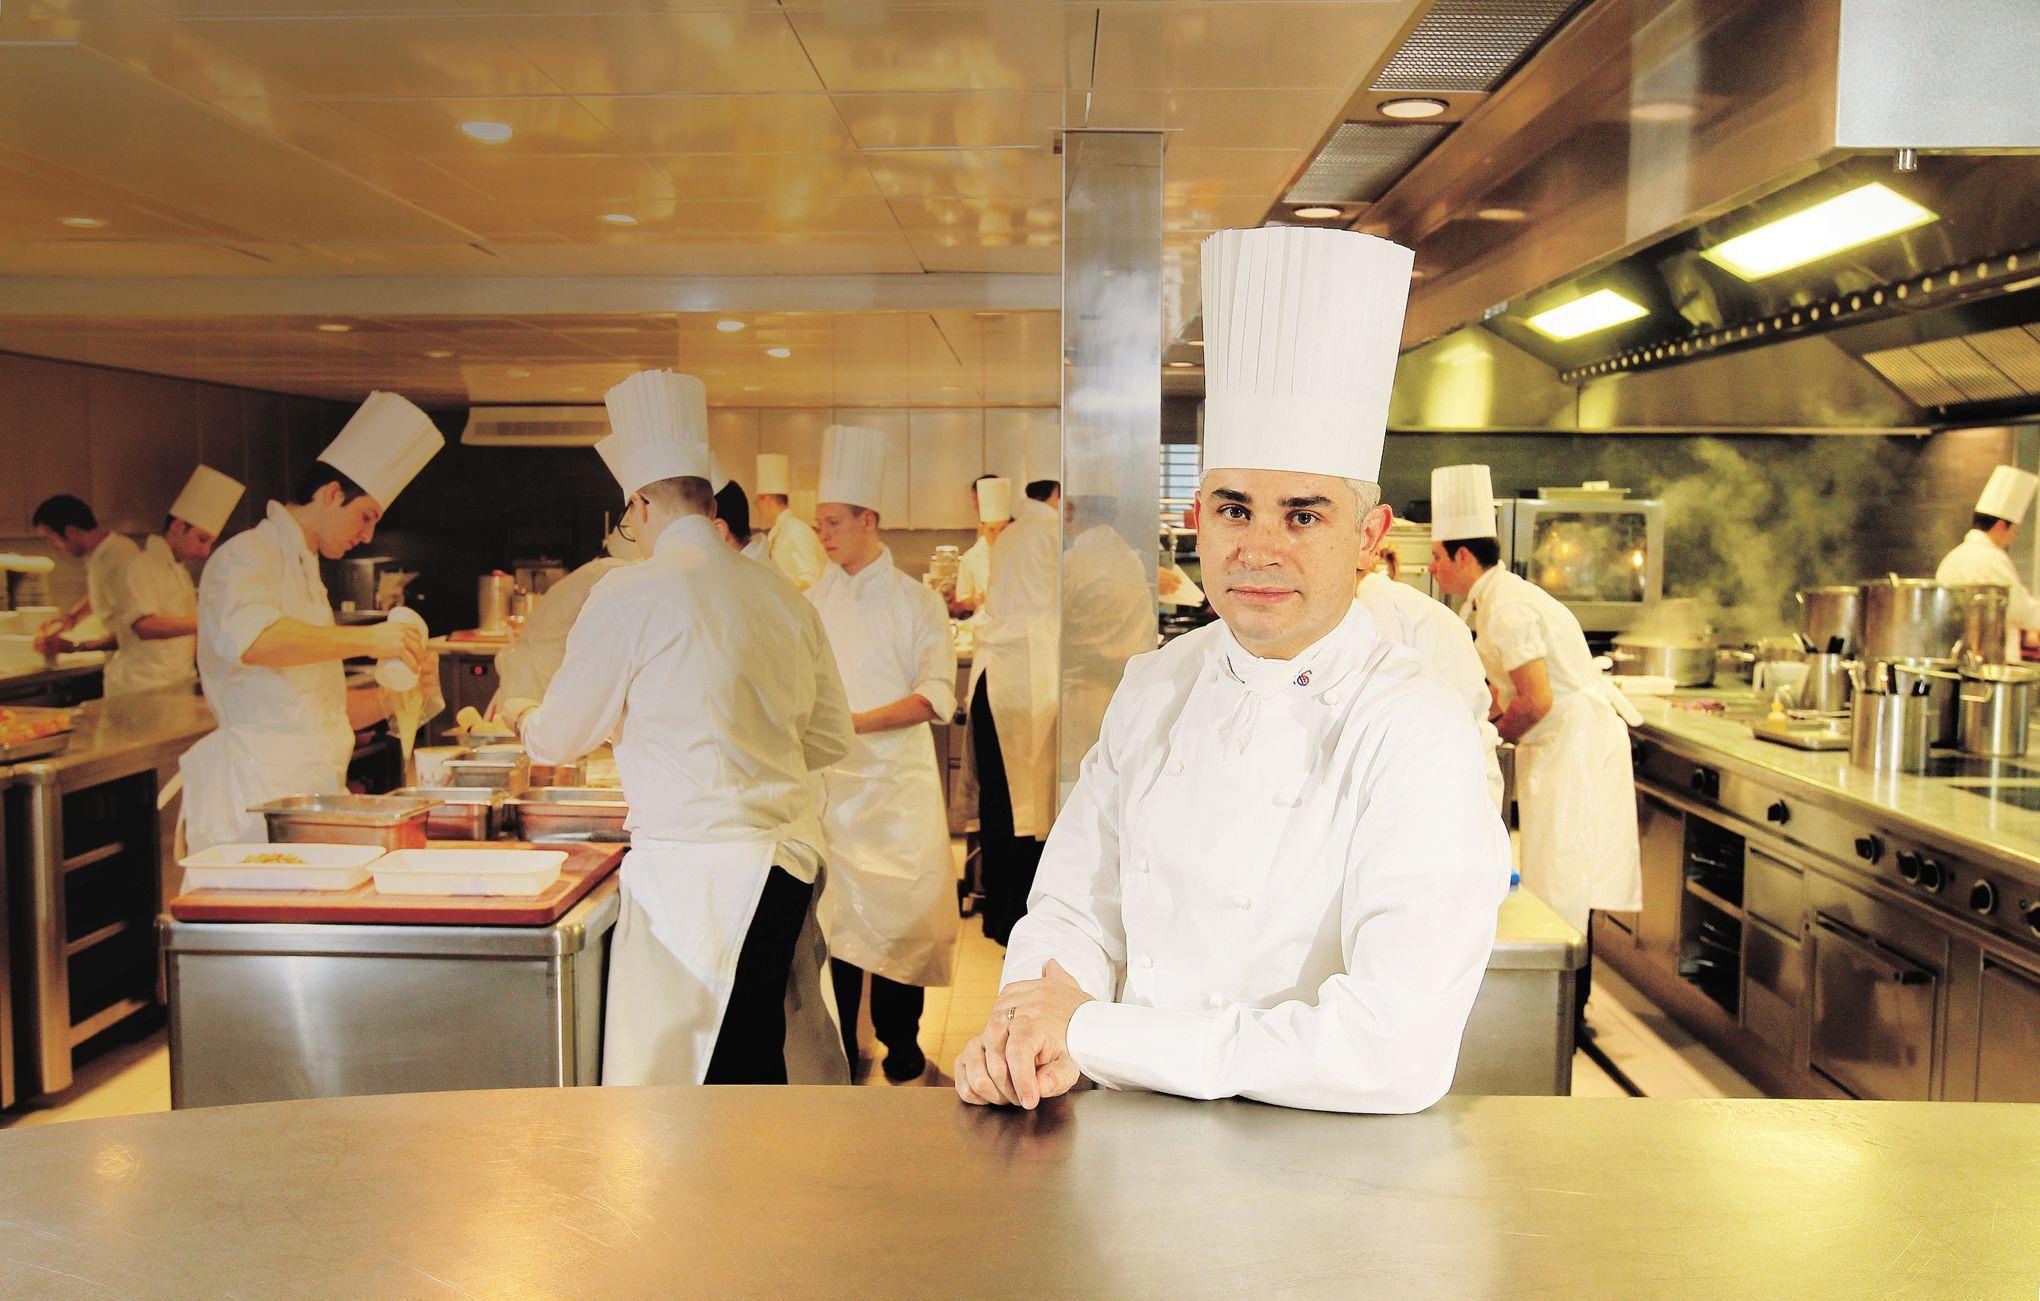 Le fran ais beno t violier meilleur chef au monde - Meilleur cuisine au monde classement ...